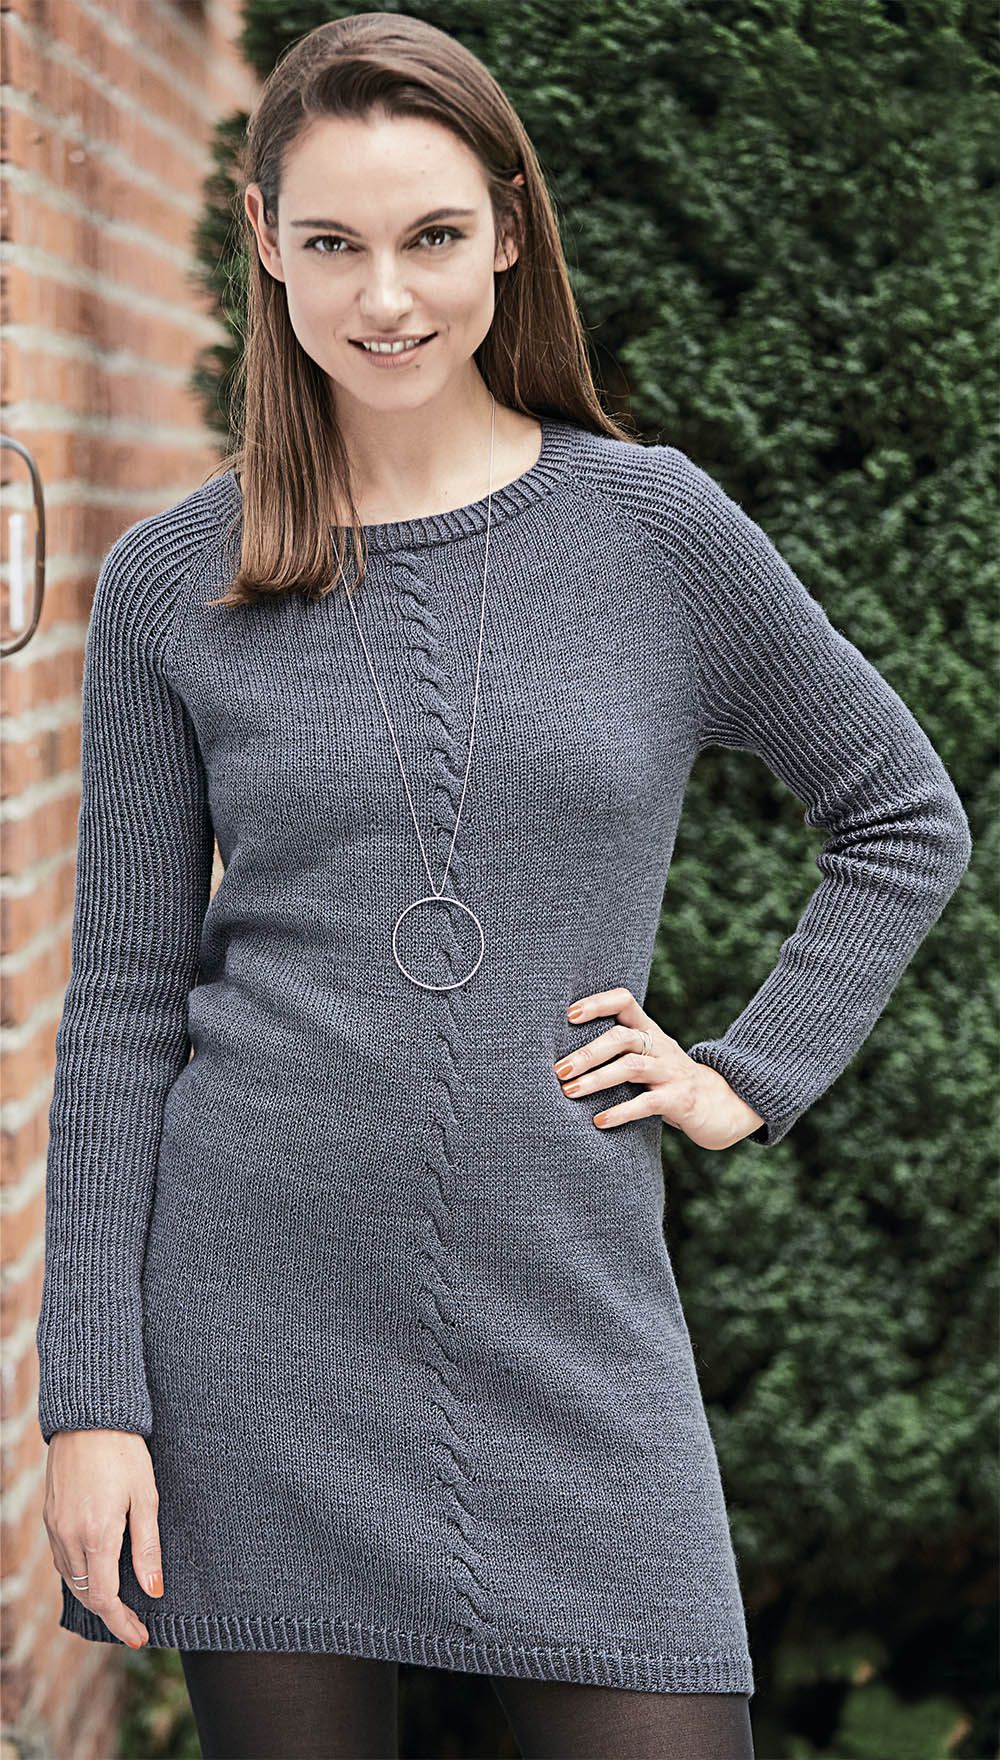 Мини-платье с центральной «косой»   платье со схемой   Pinterest ... e84838d29eb